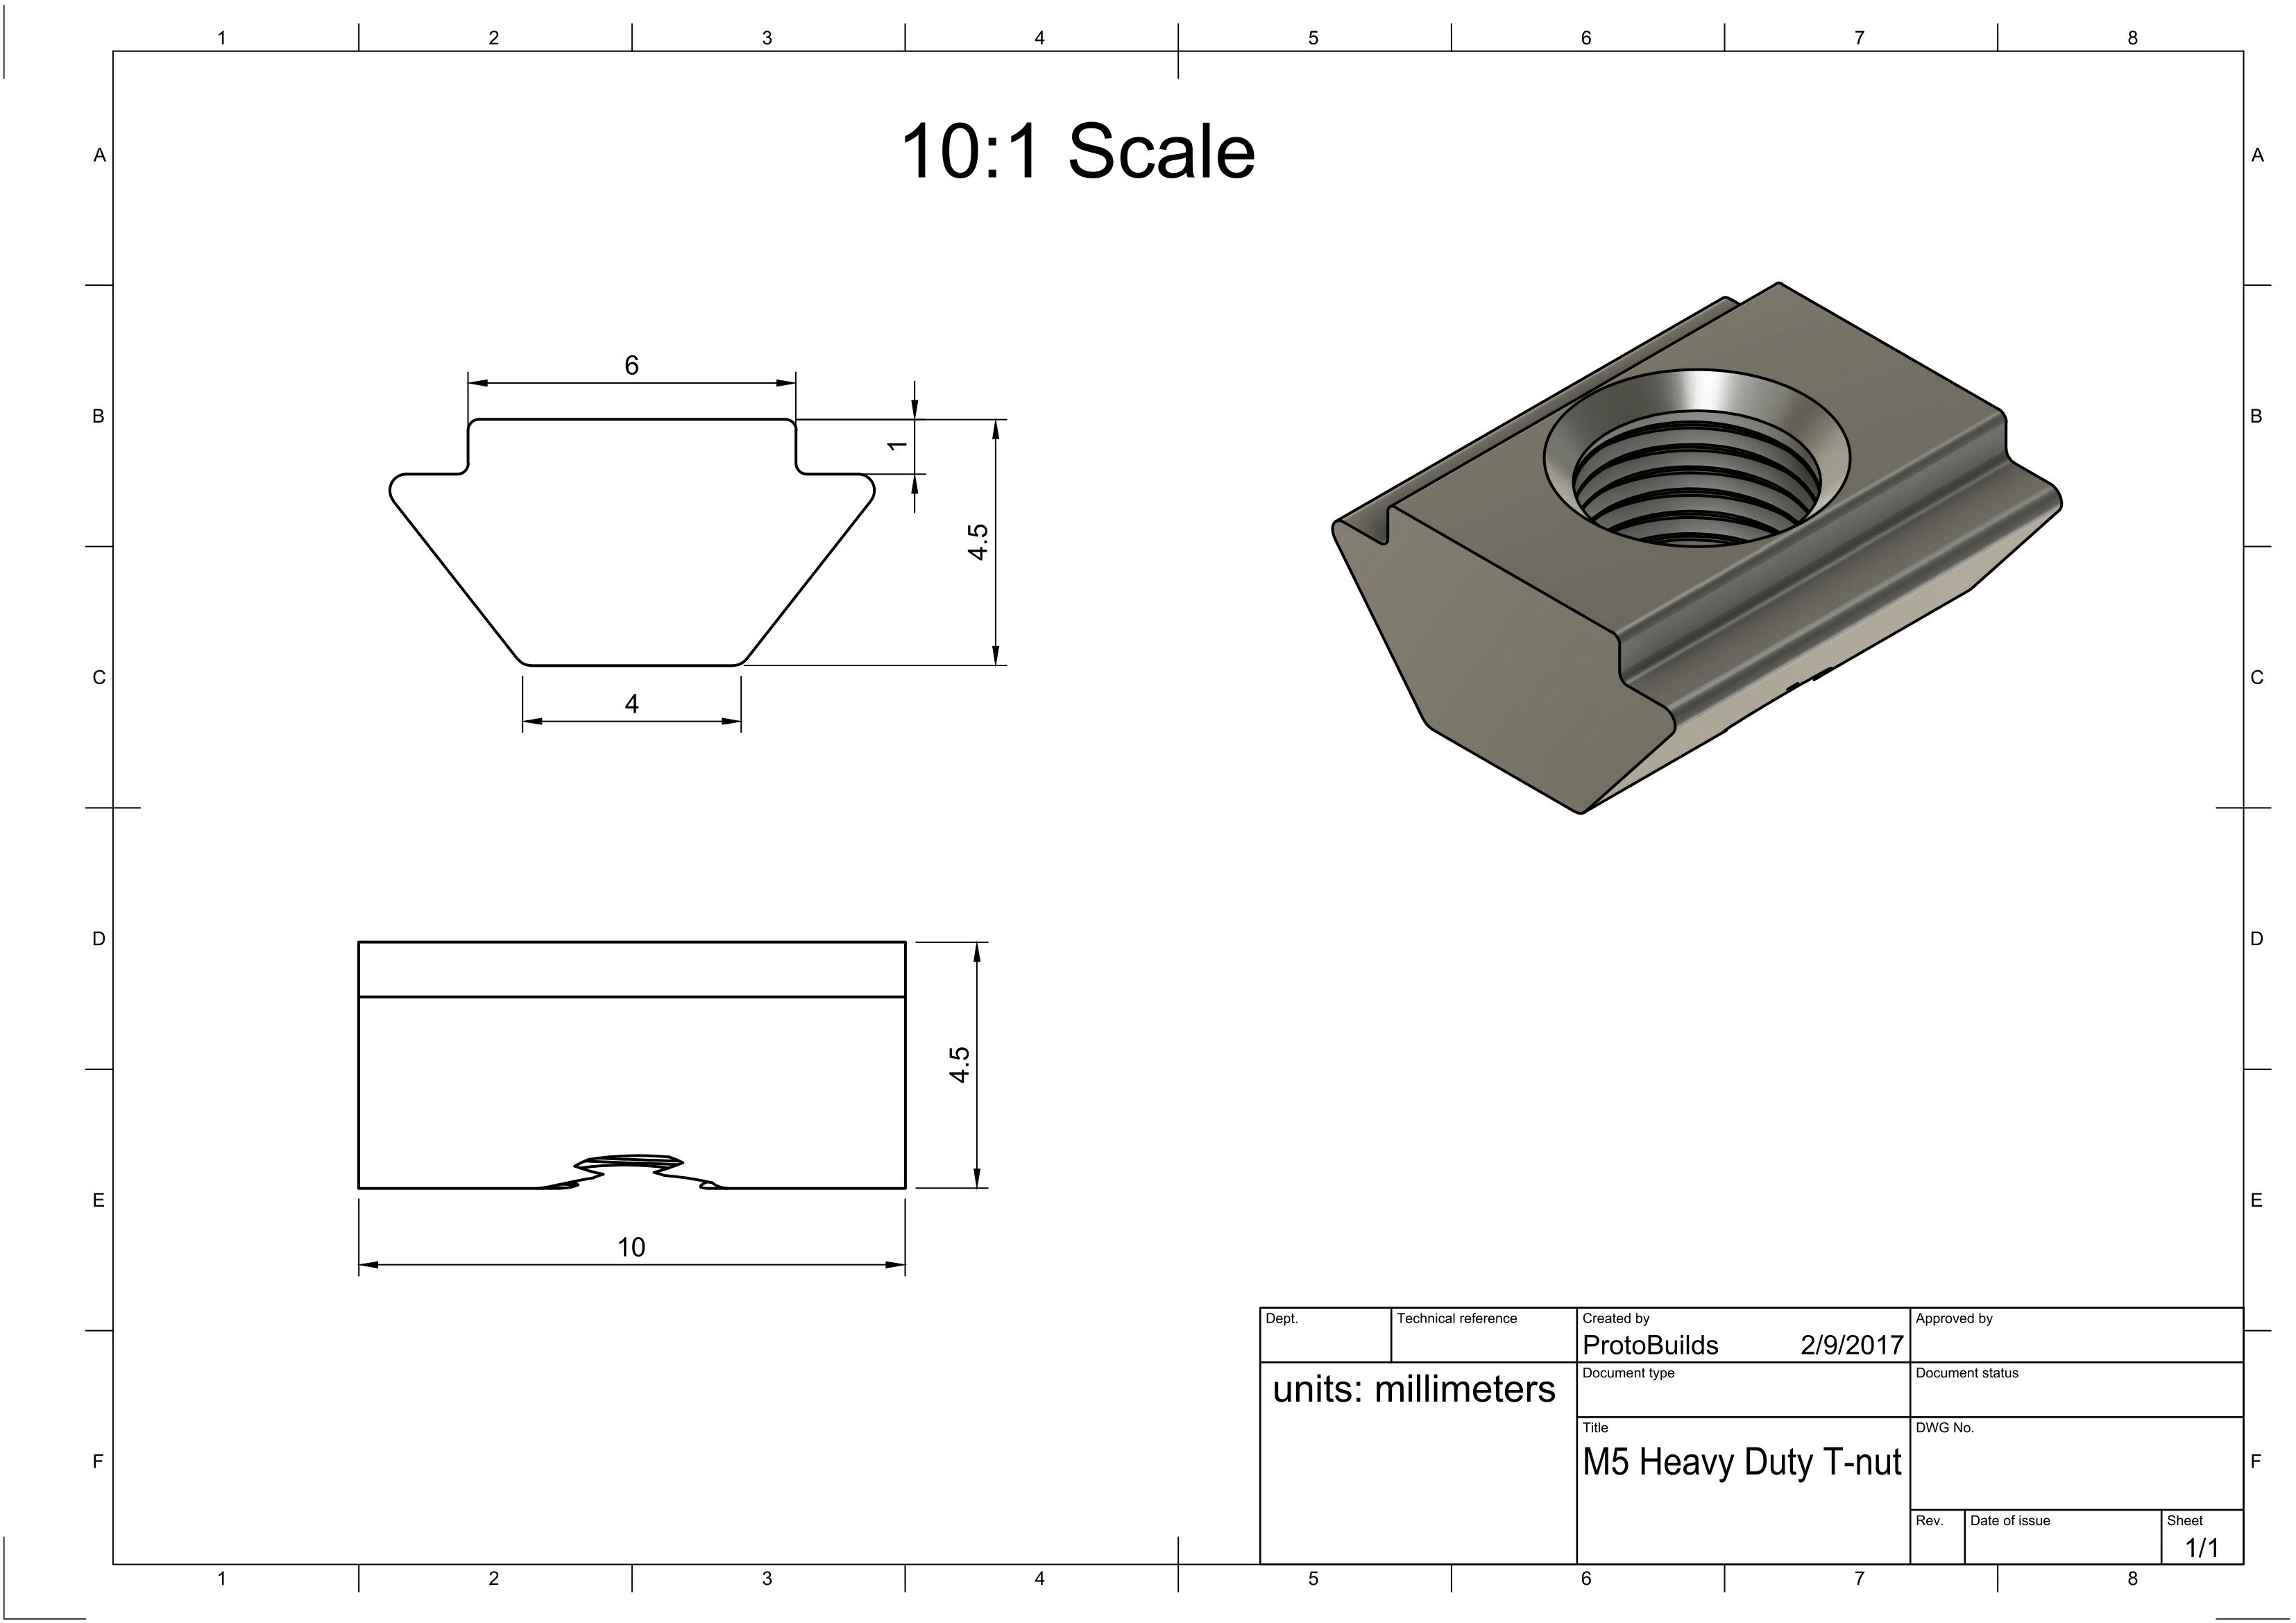 M5 Heavy Duty T-nut Drawing-1